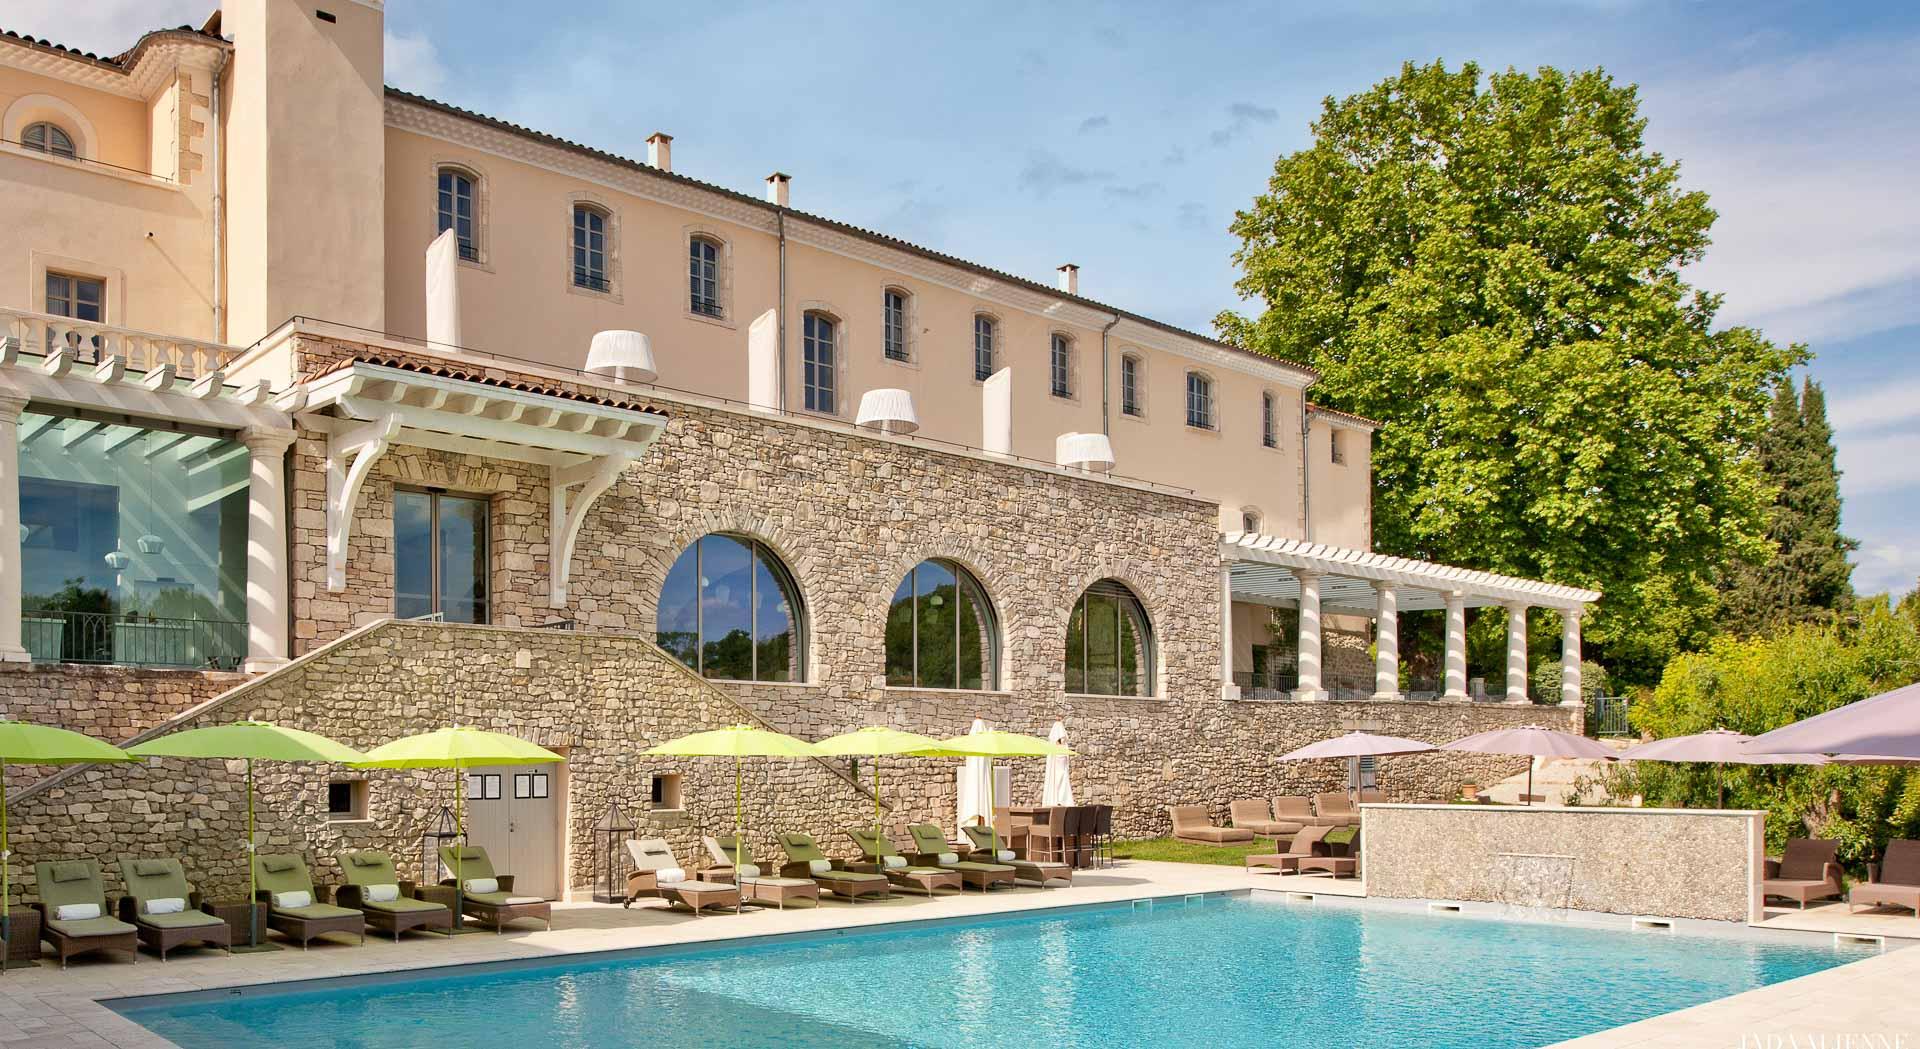 Couvent des minimes hotel et spa : piscine.